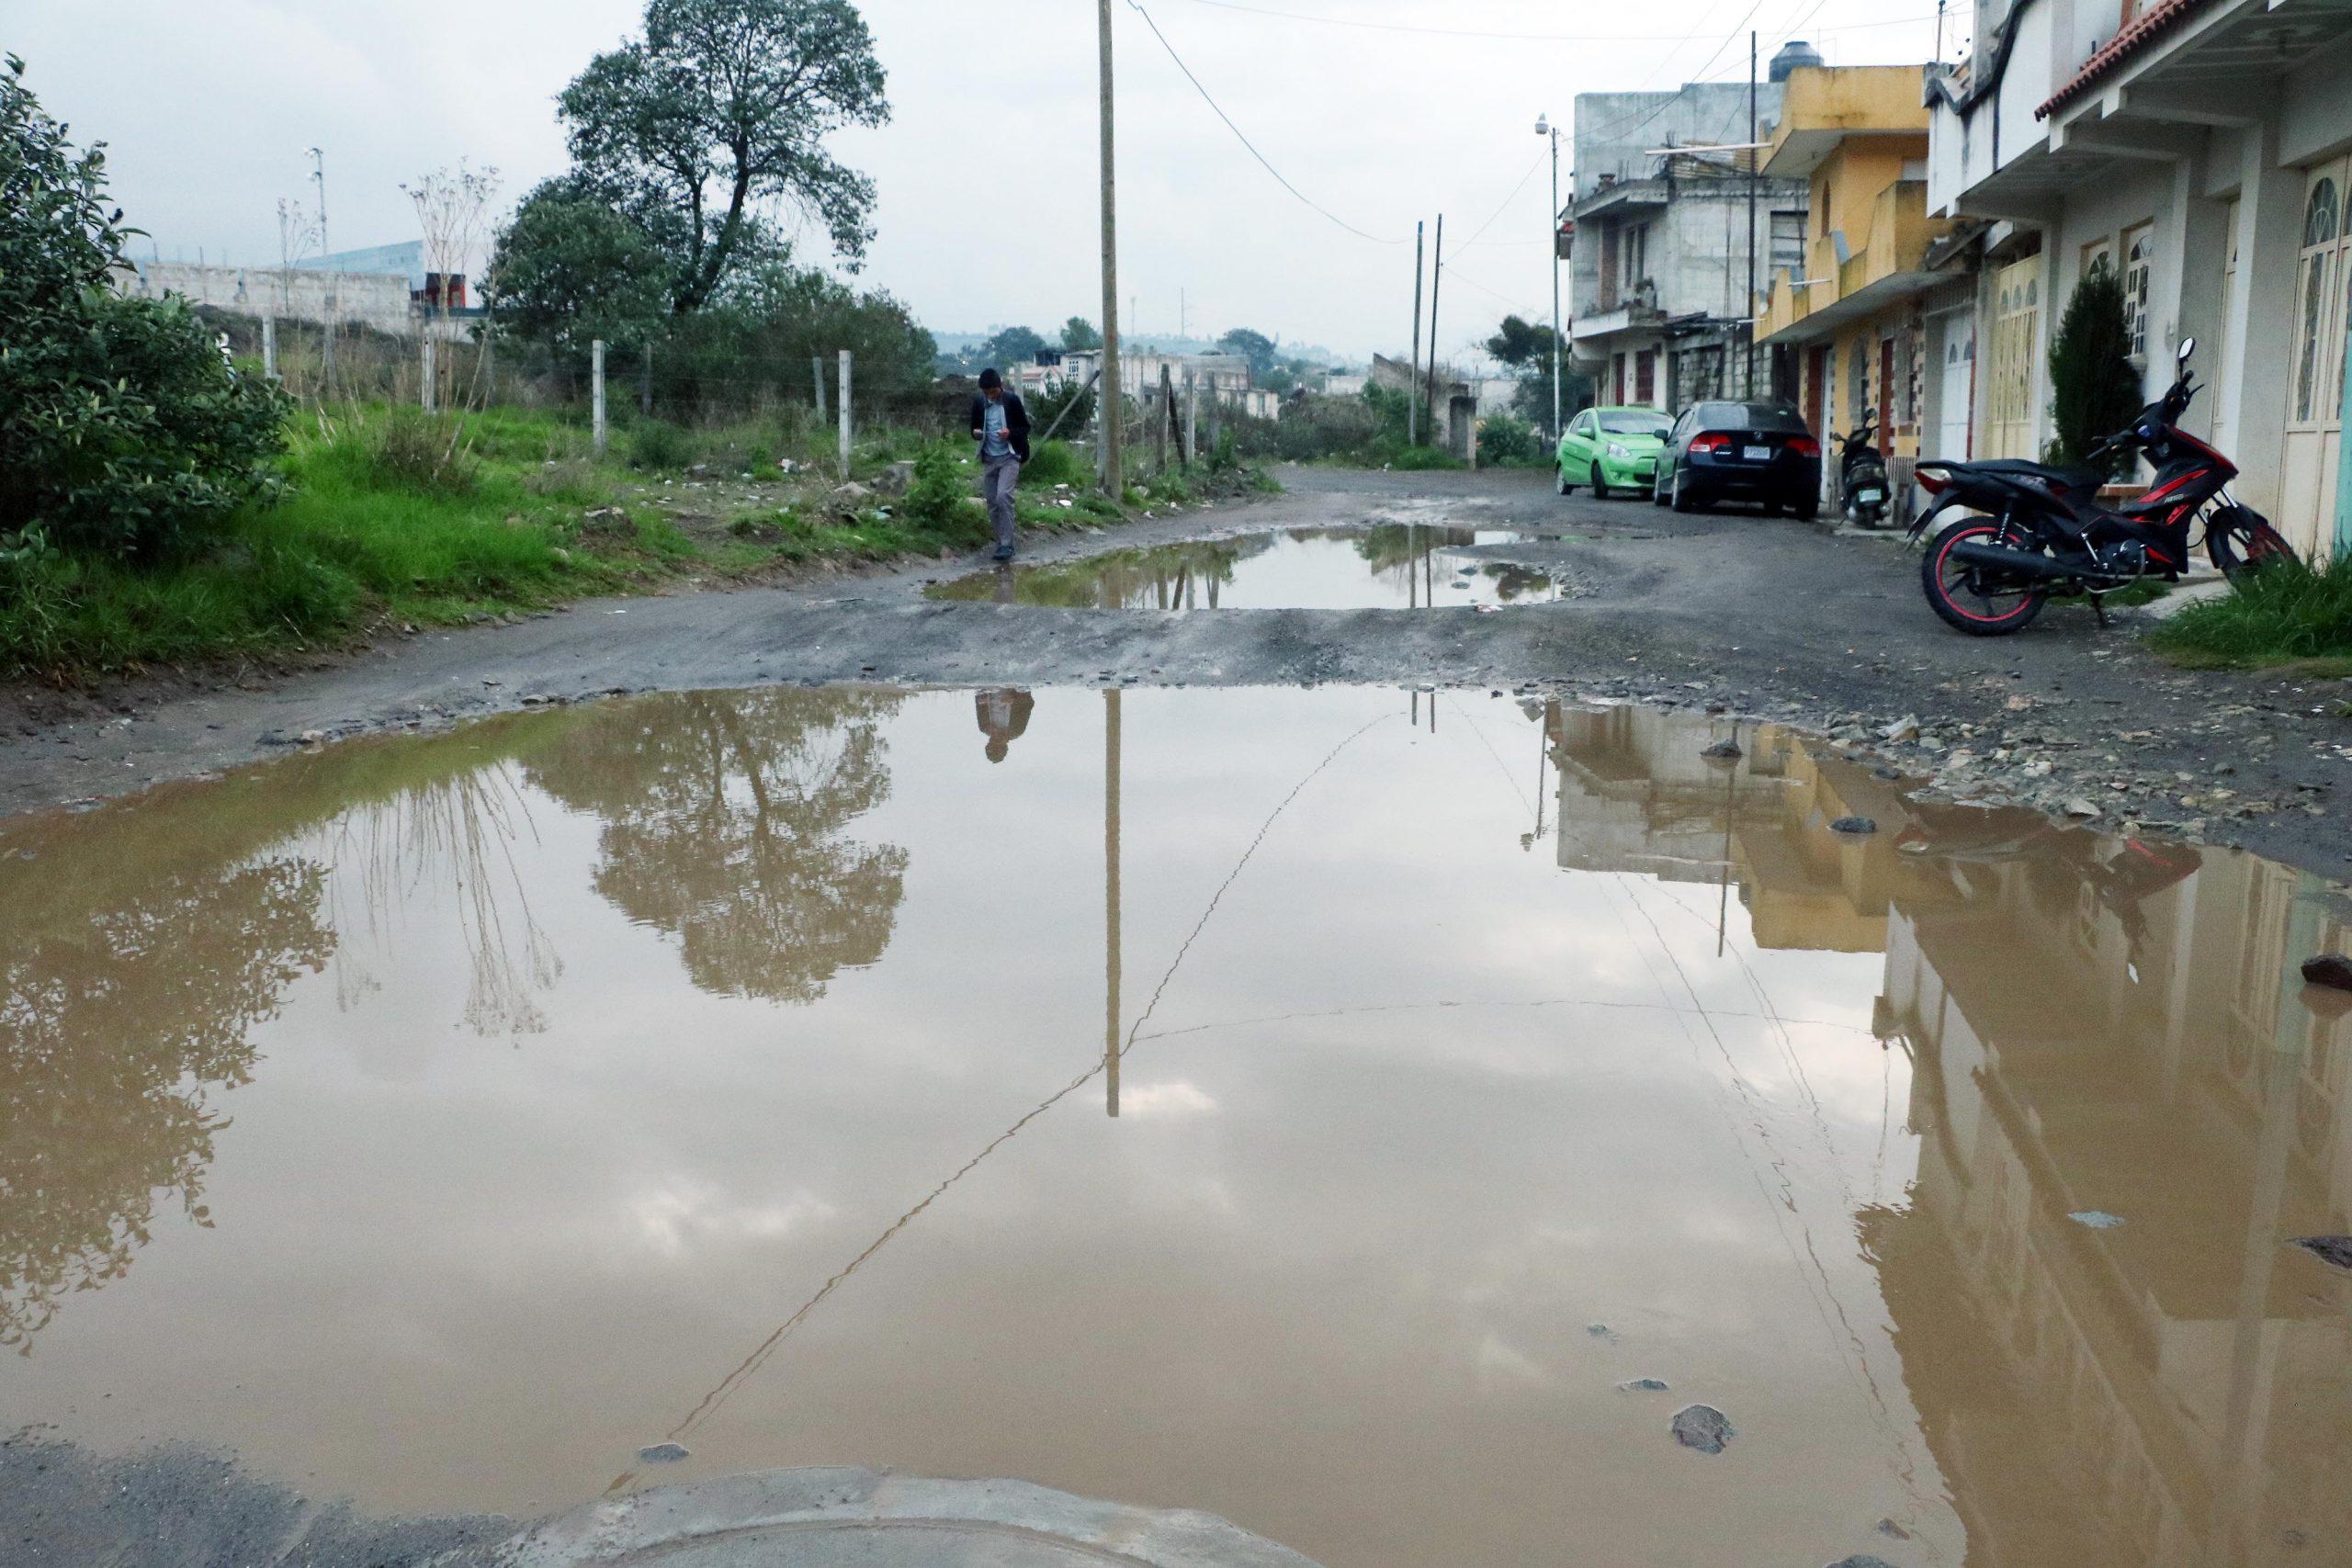 Los vecinos esperan una solución ante el problema de las calles donde la lluvia provoca pozas y complica el tránsito vehicular. (Foto: Carlos Ventura)